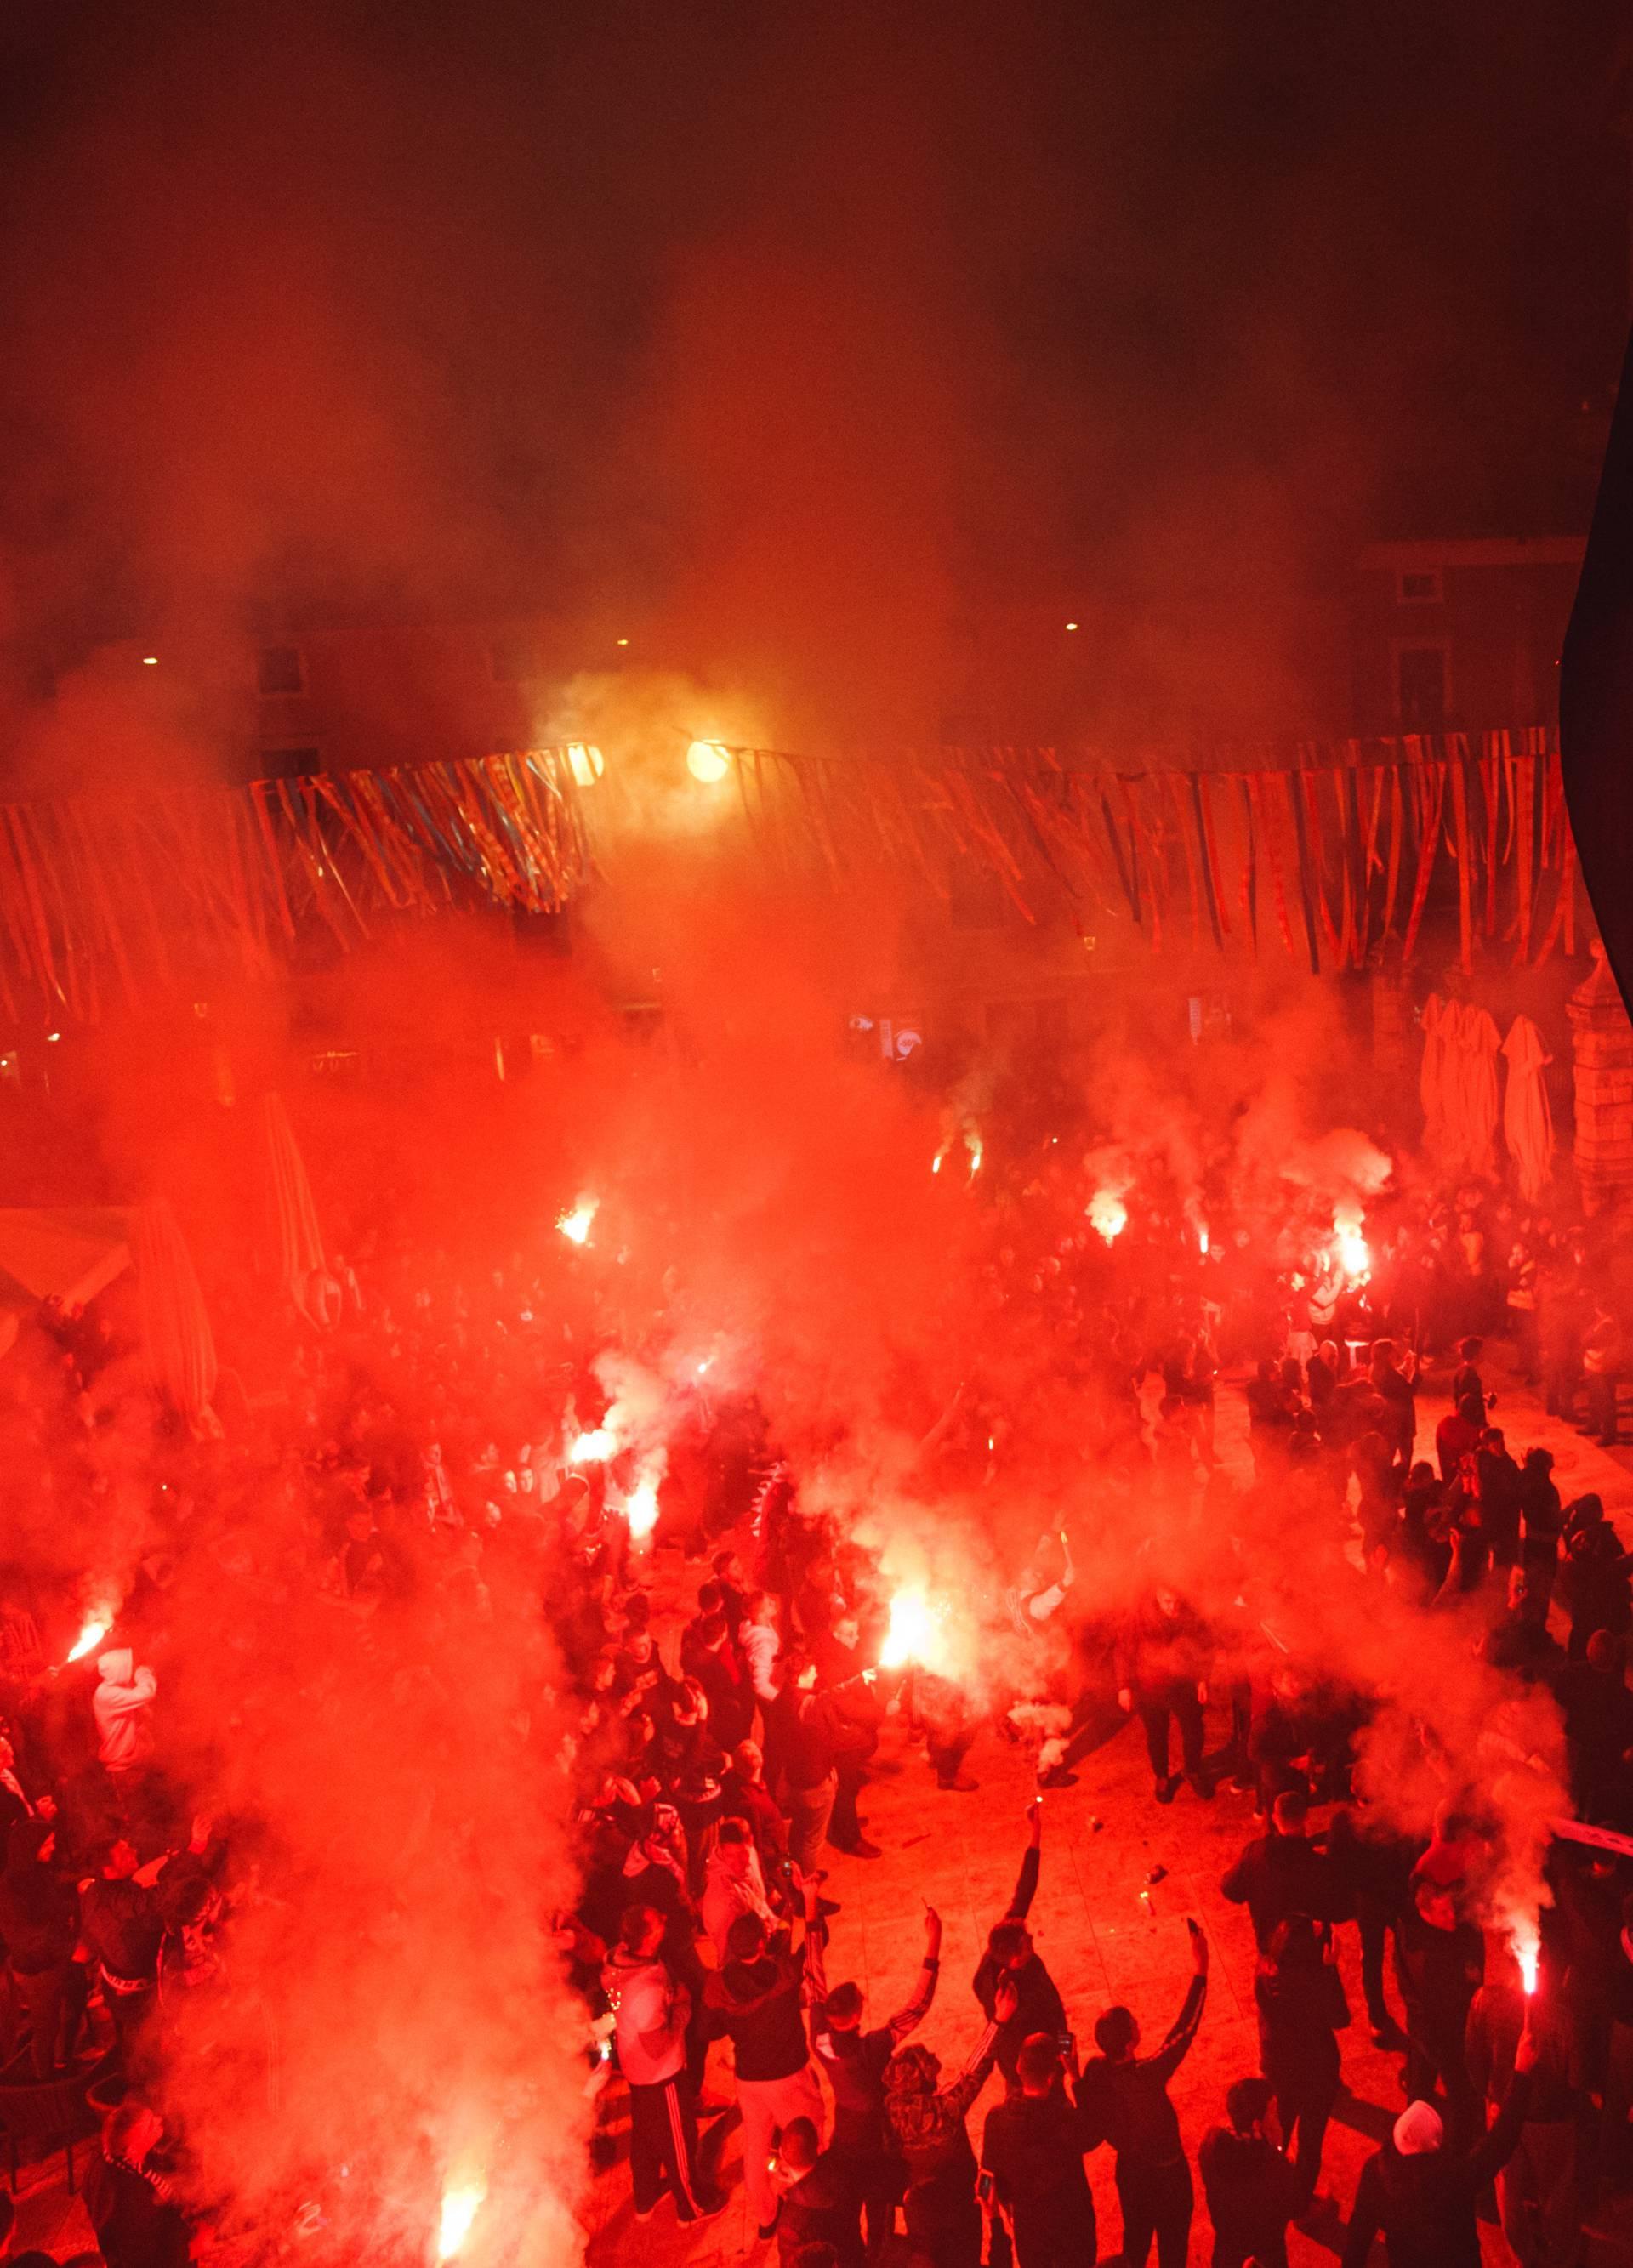 Krvavo smo ovo izborili: Zadar burno proslavio osvajanje Kupa